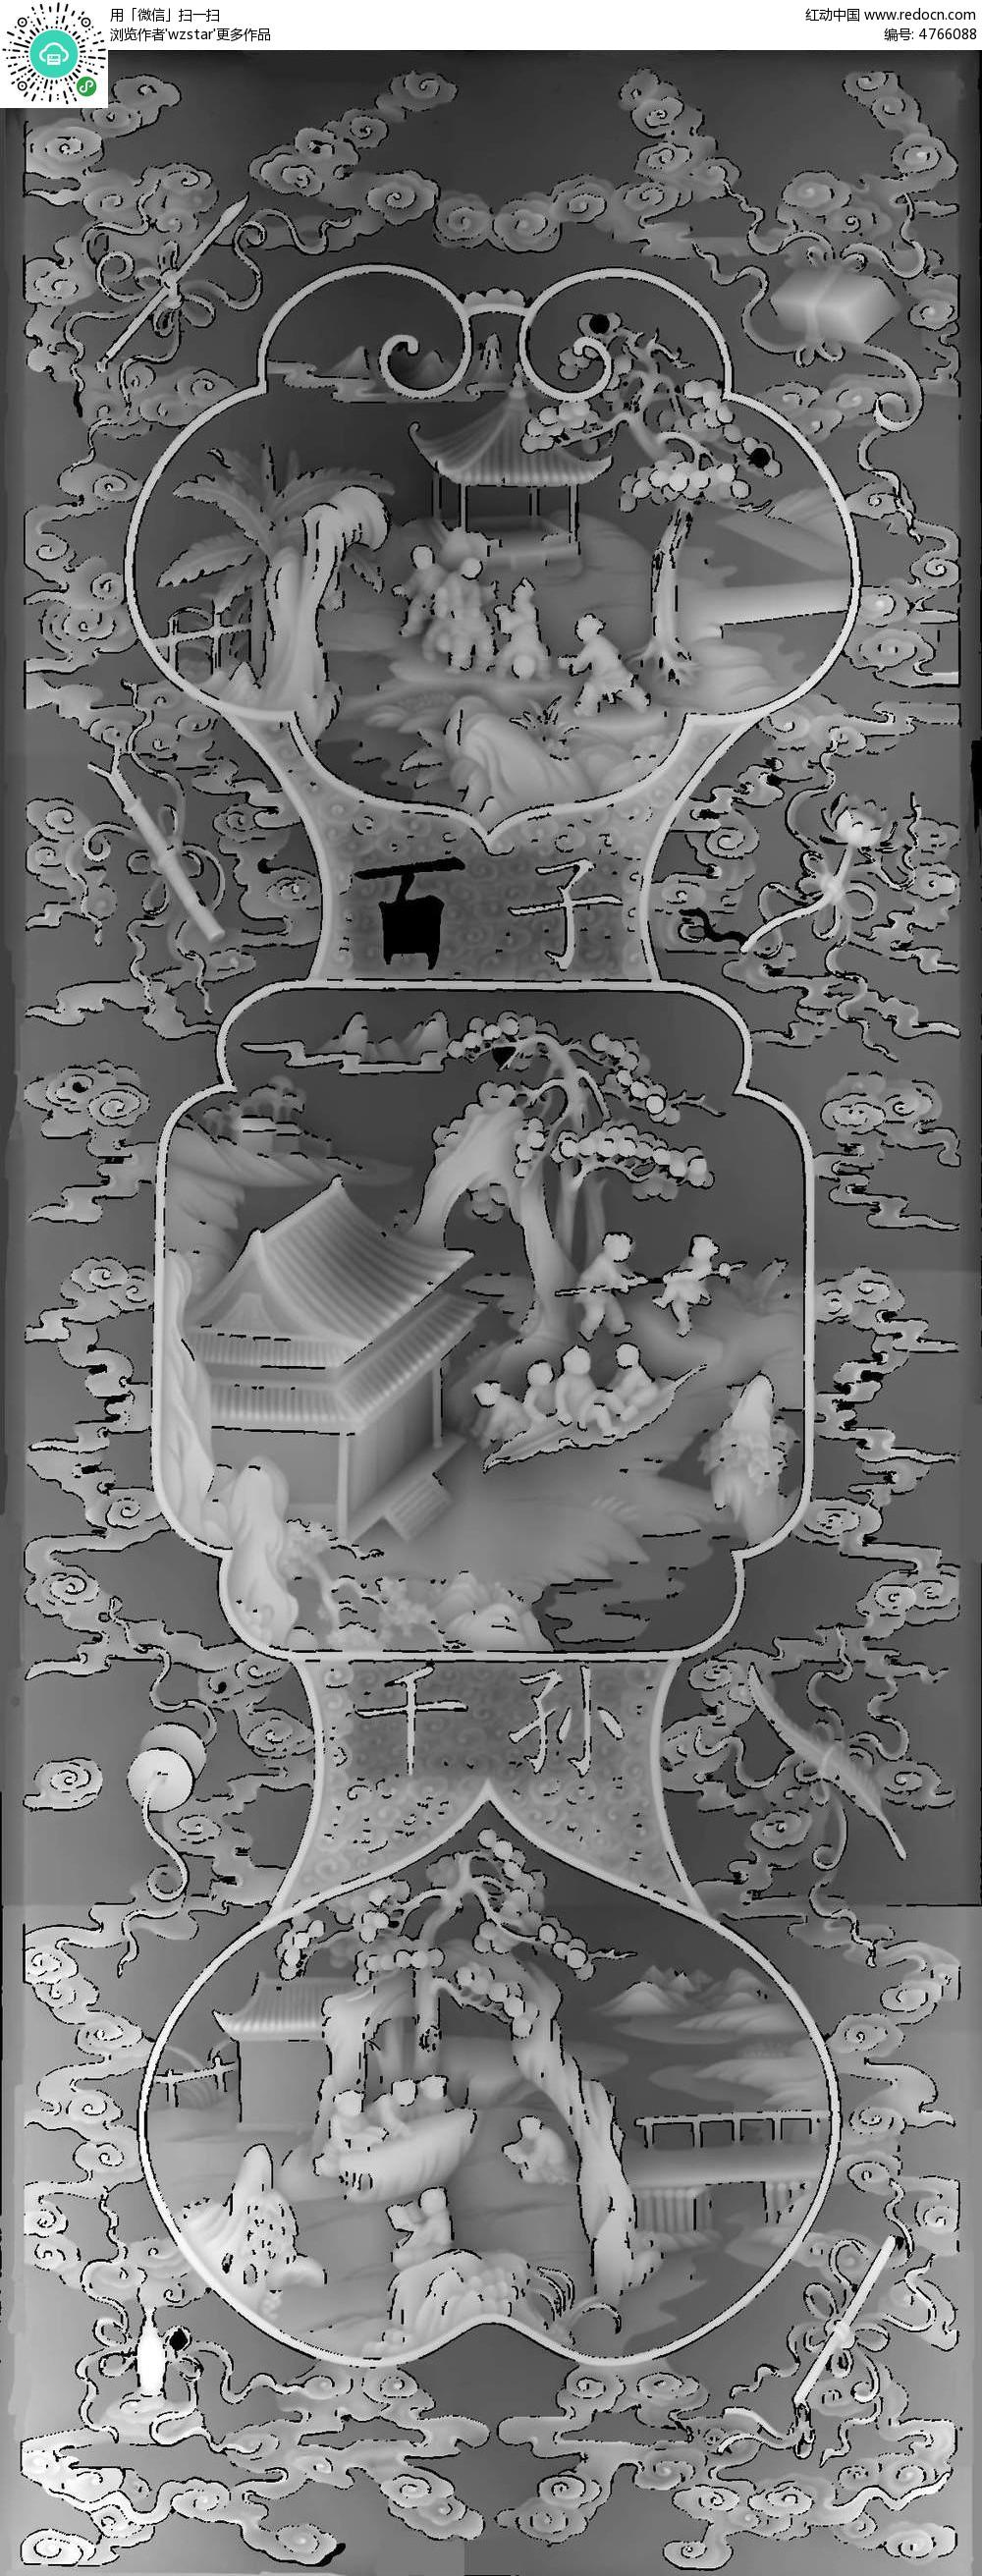 古典中式建筑灰度图图片